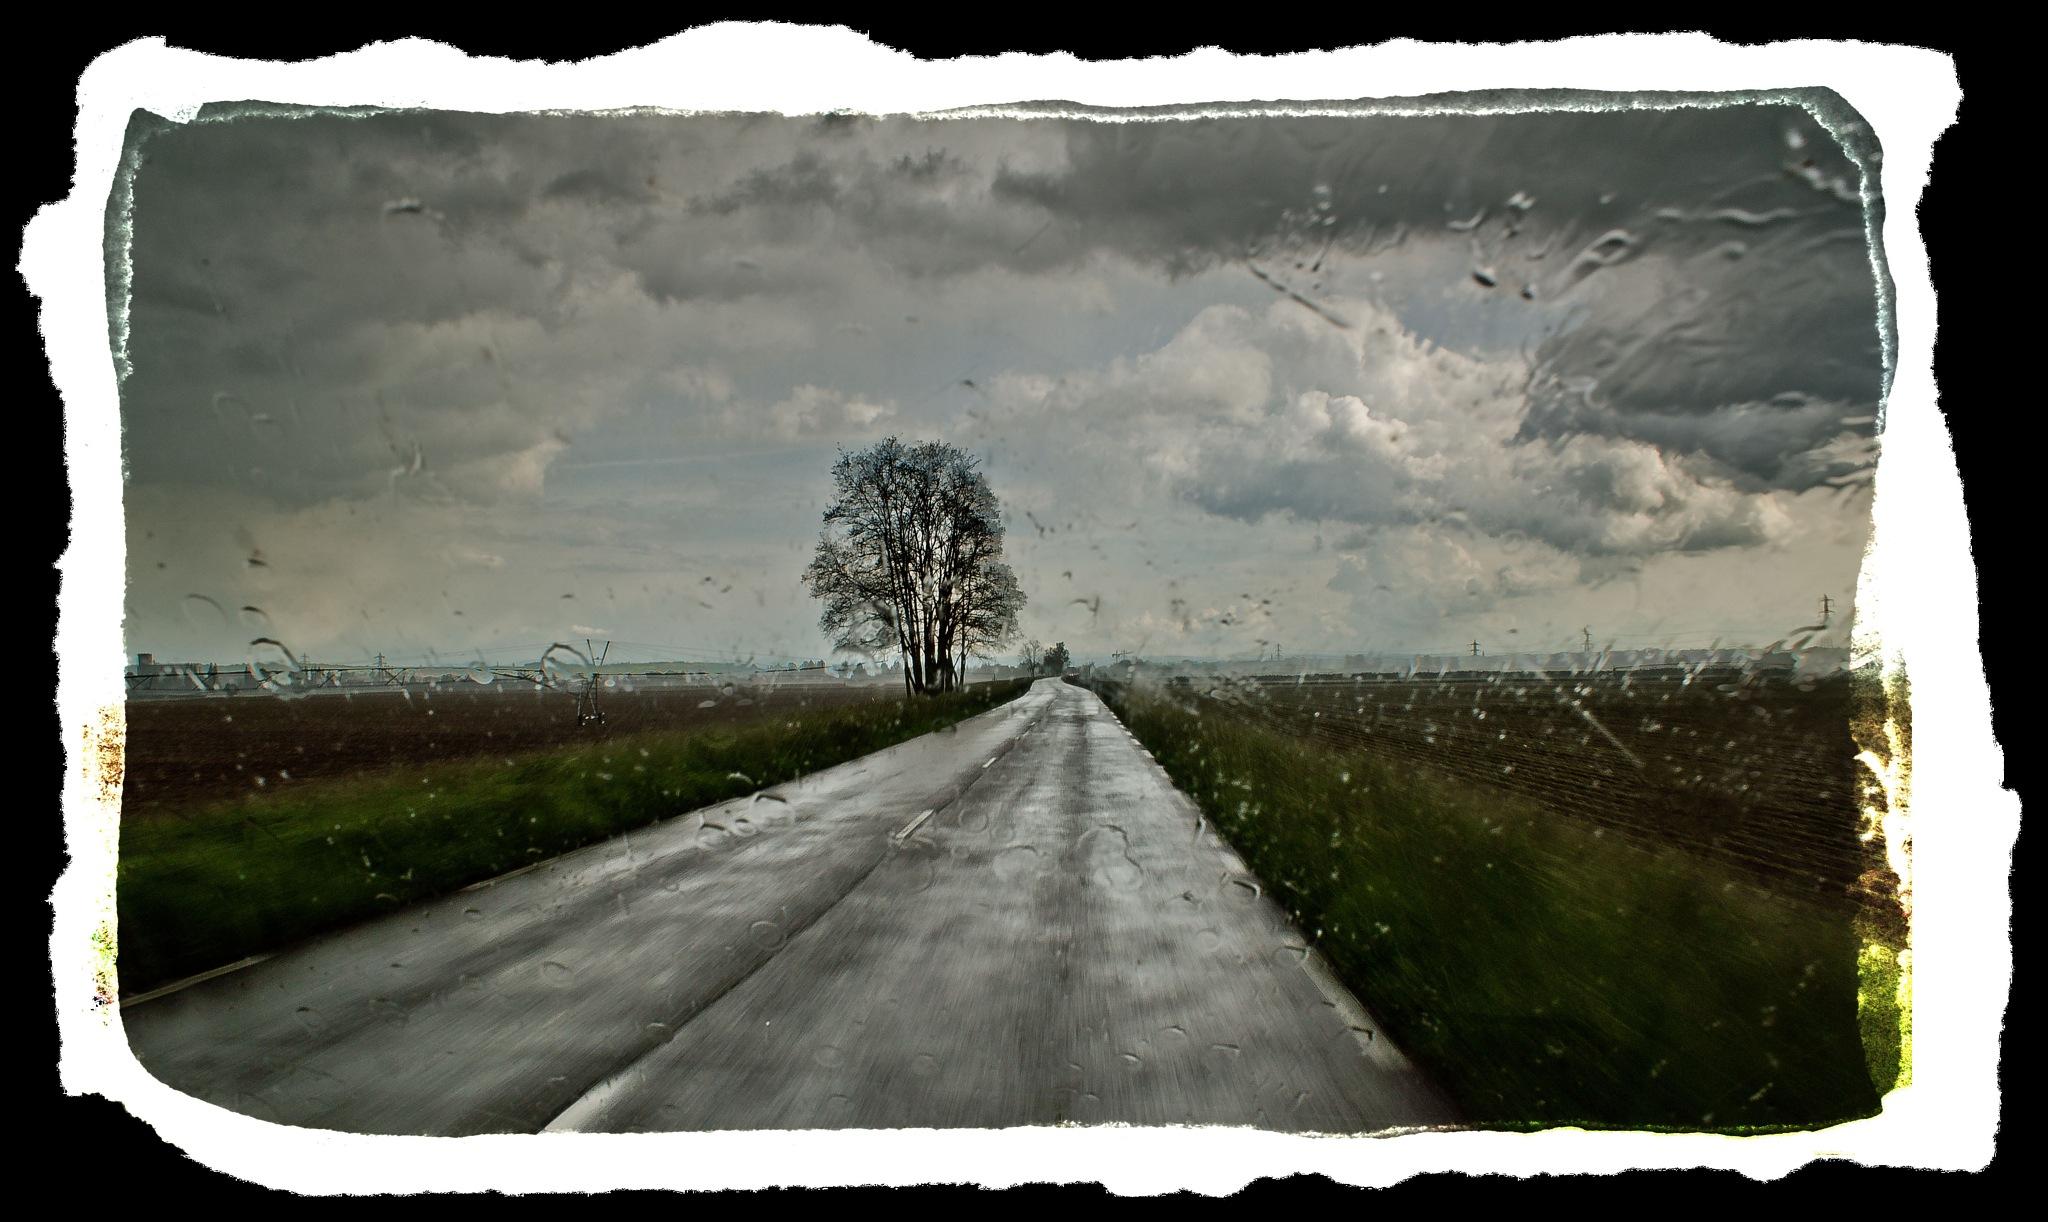 The Journey by Marilyn Bielski